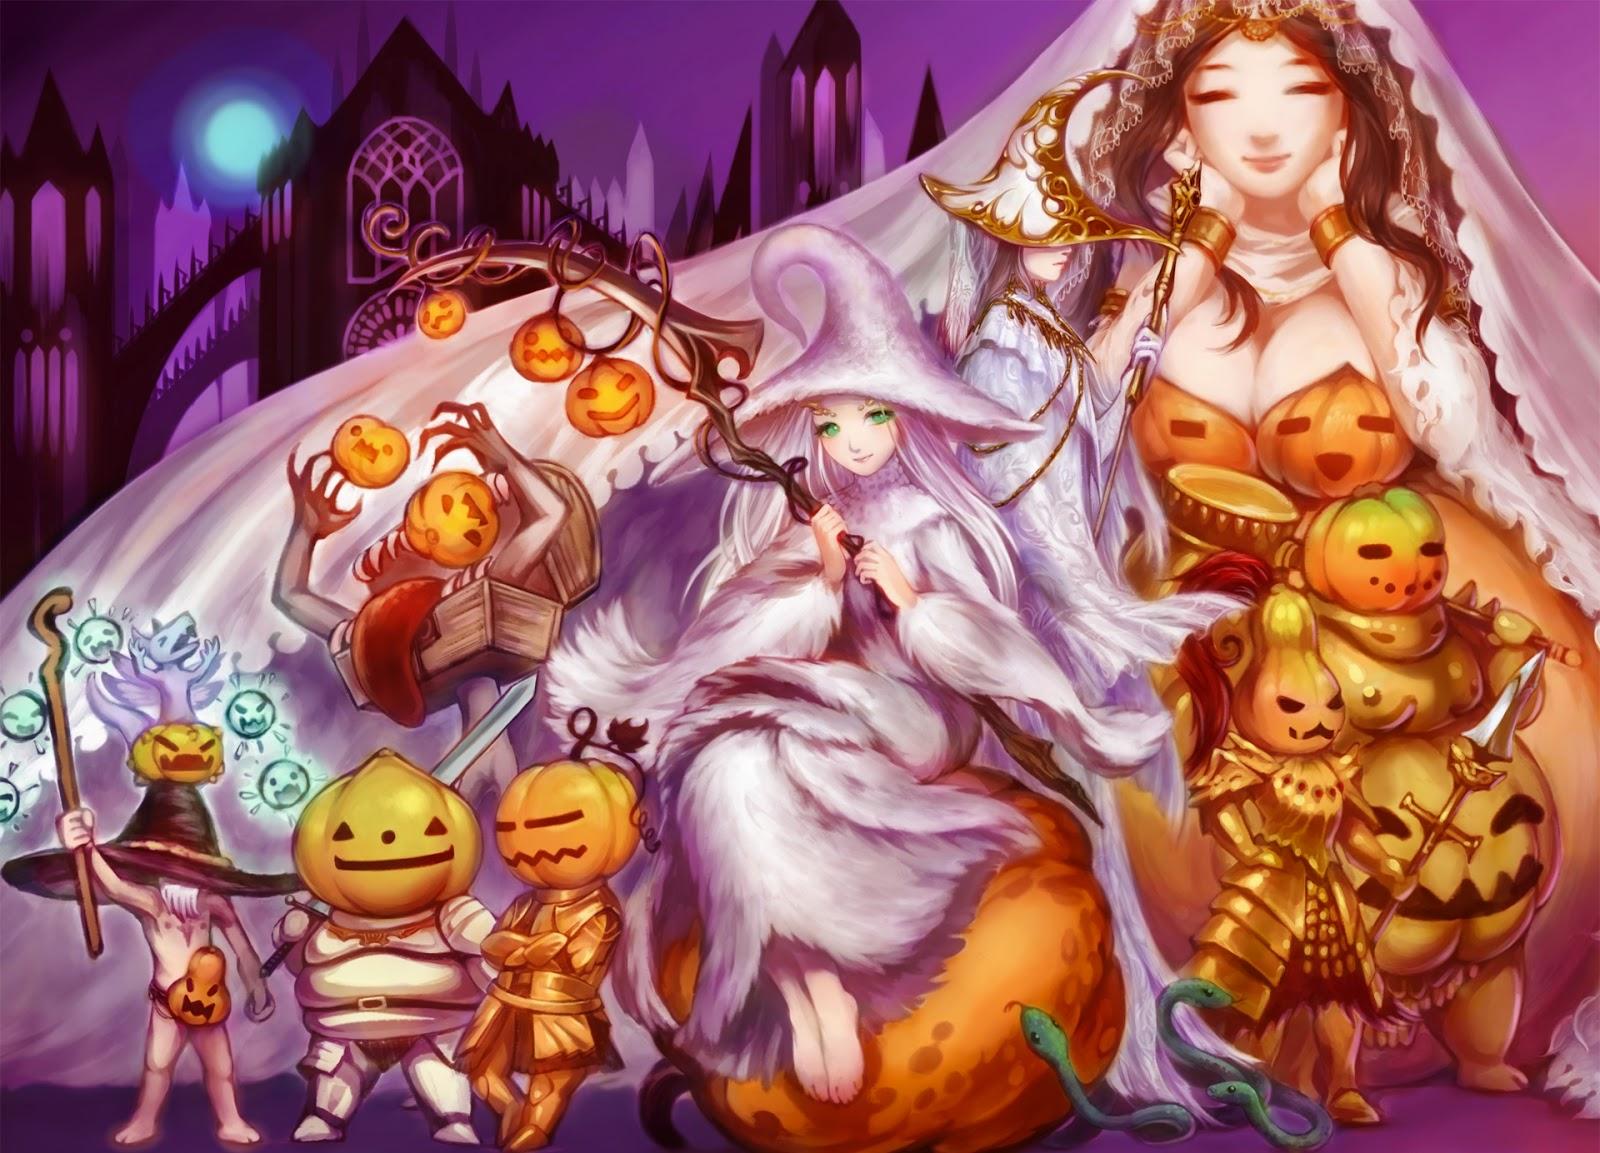 dark souls anime,anime wallpaper,anime halloween